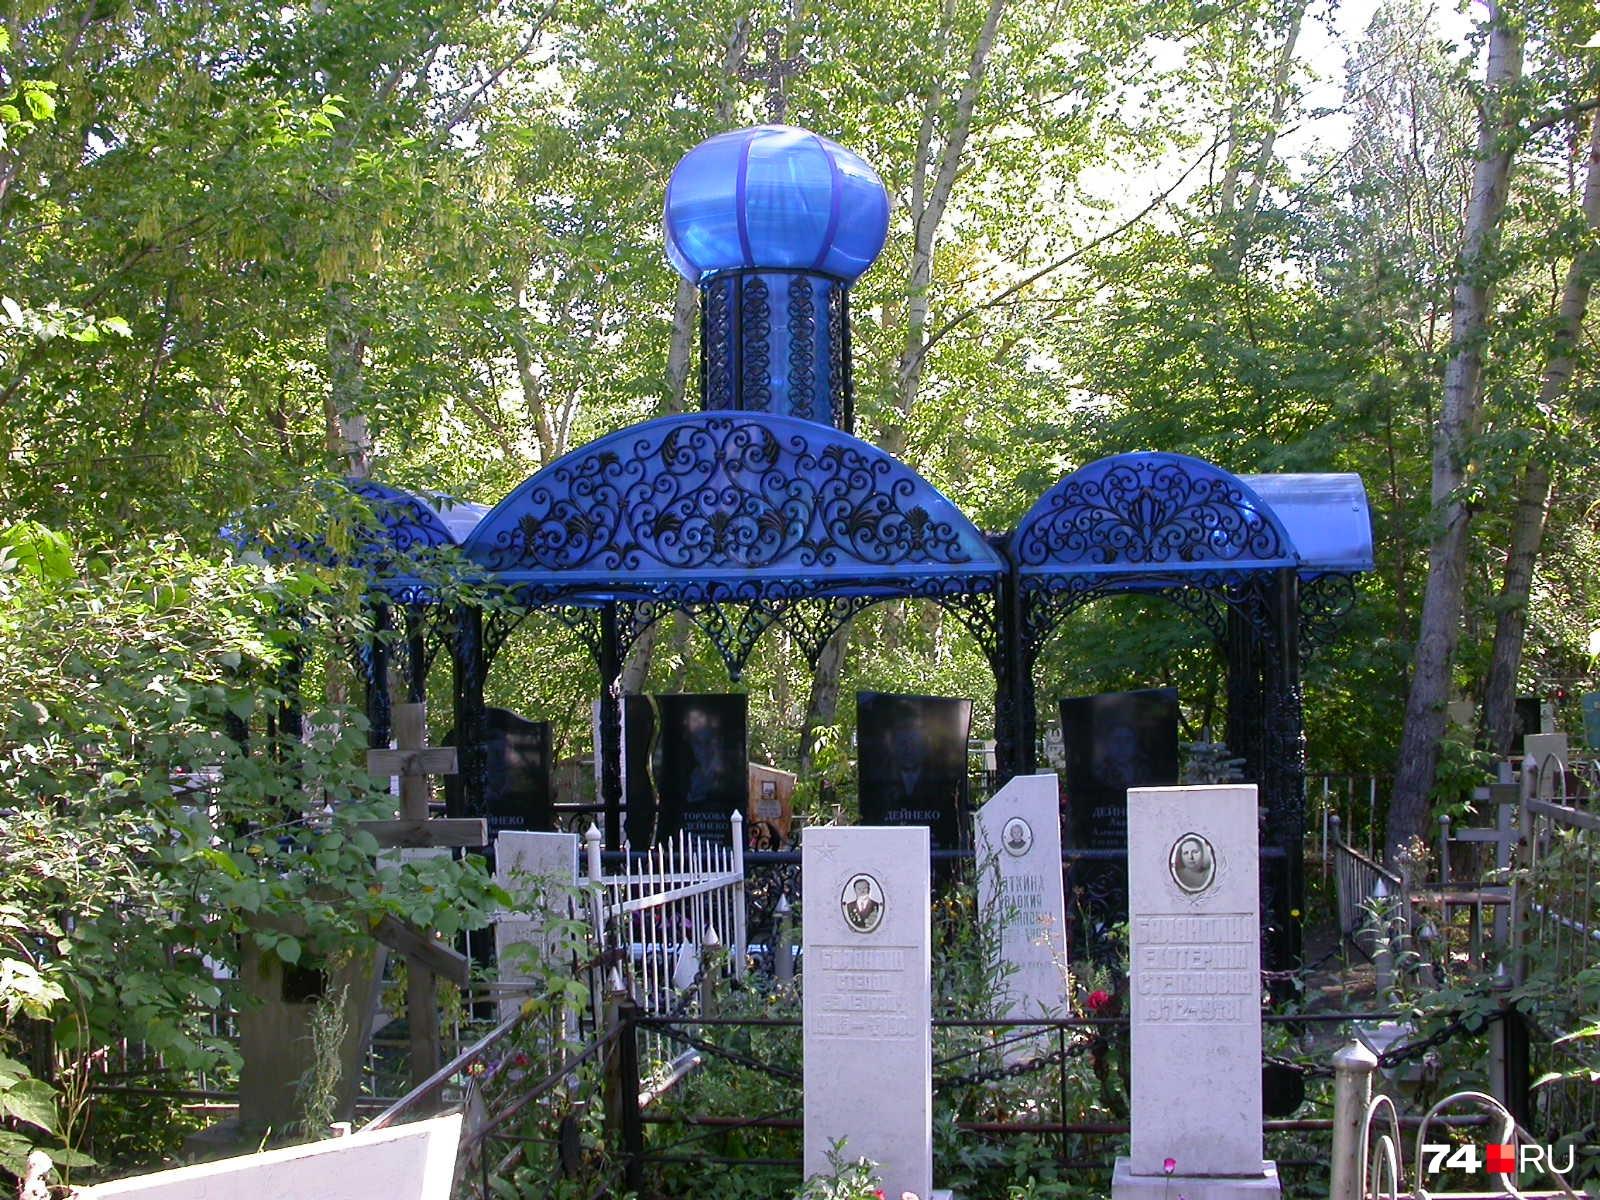 Бесплатно получить хорошее место на кладбище в Челябинске почти невозможно